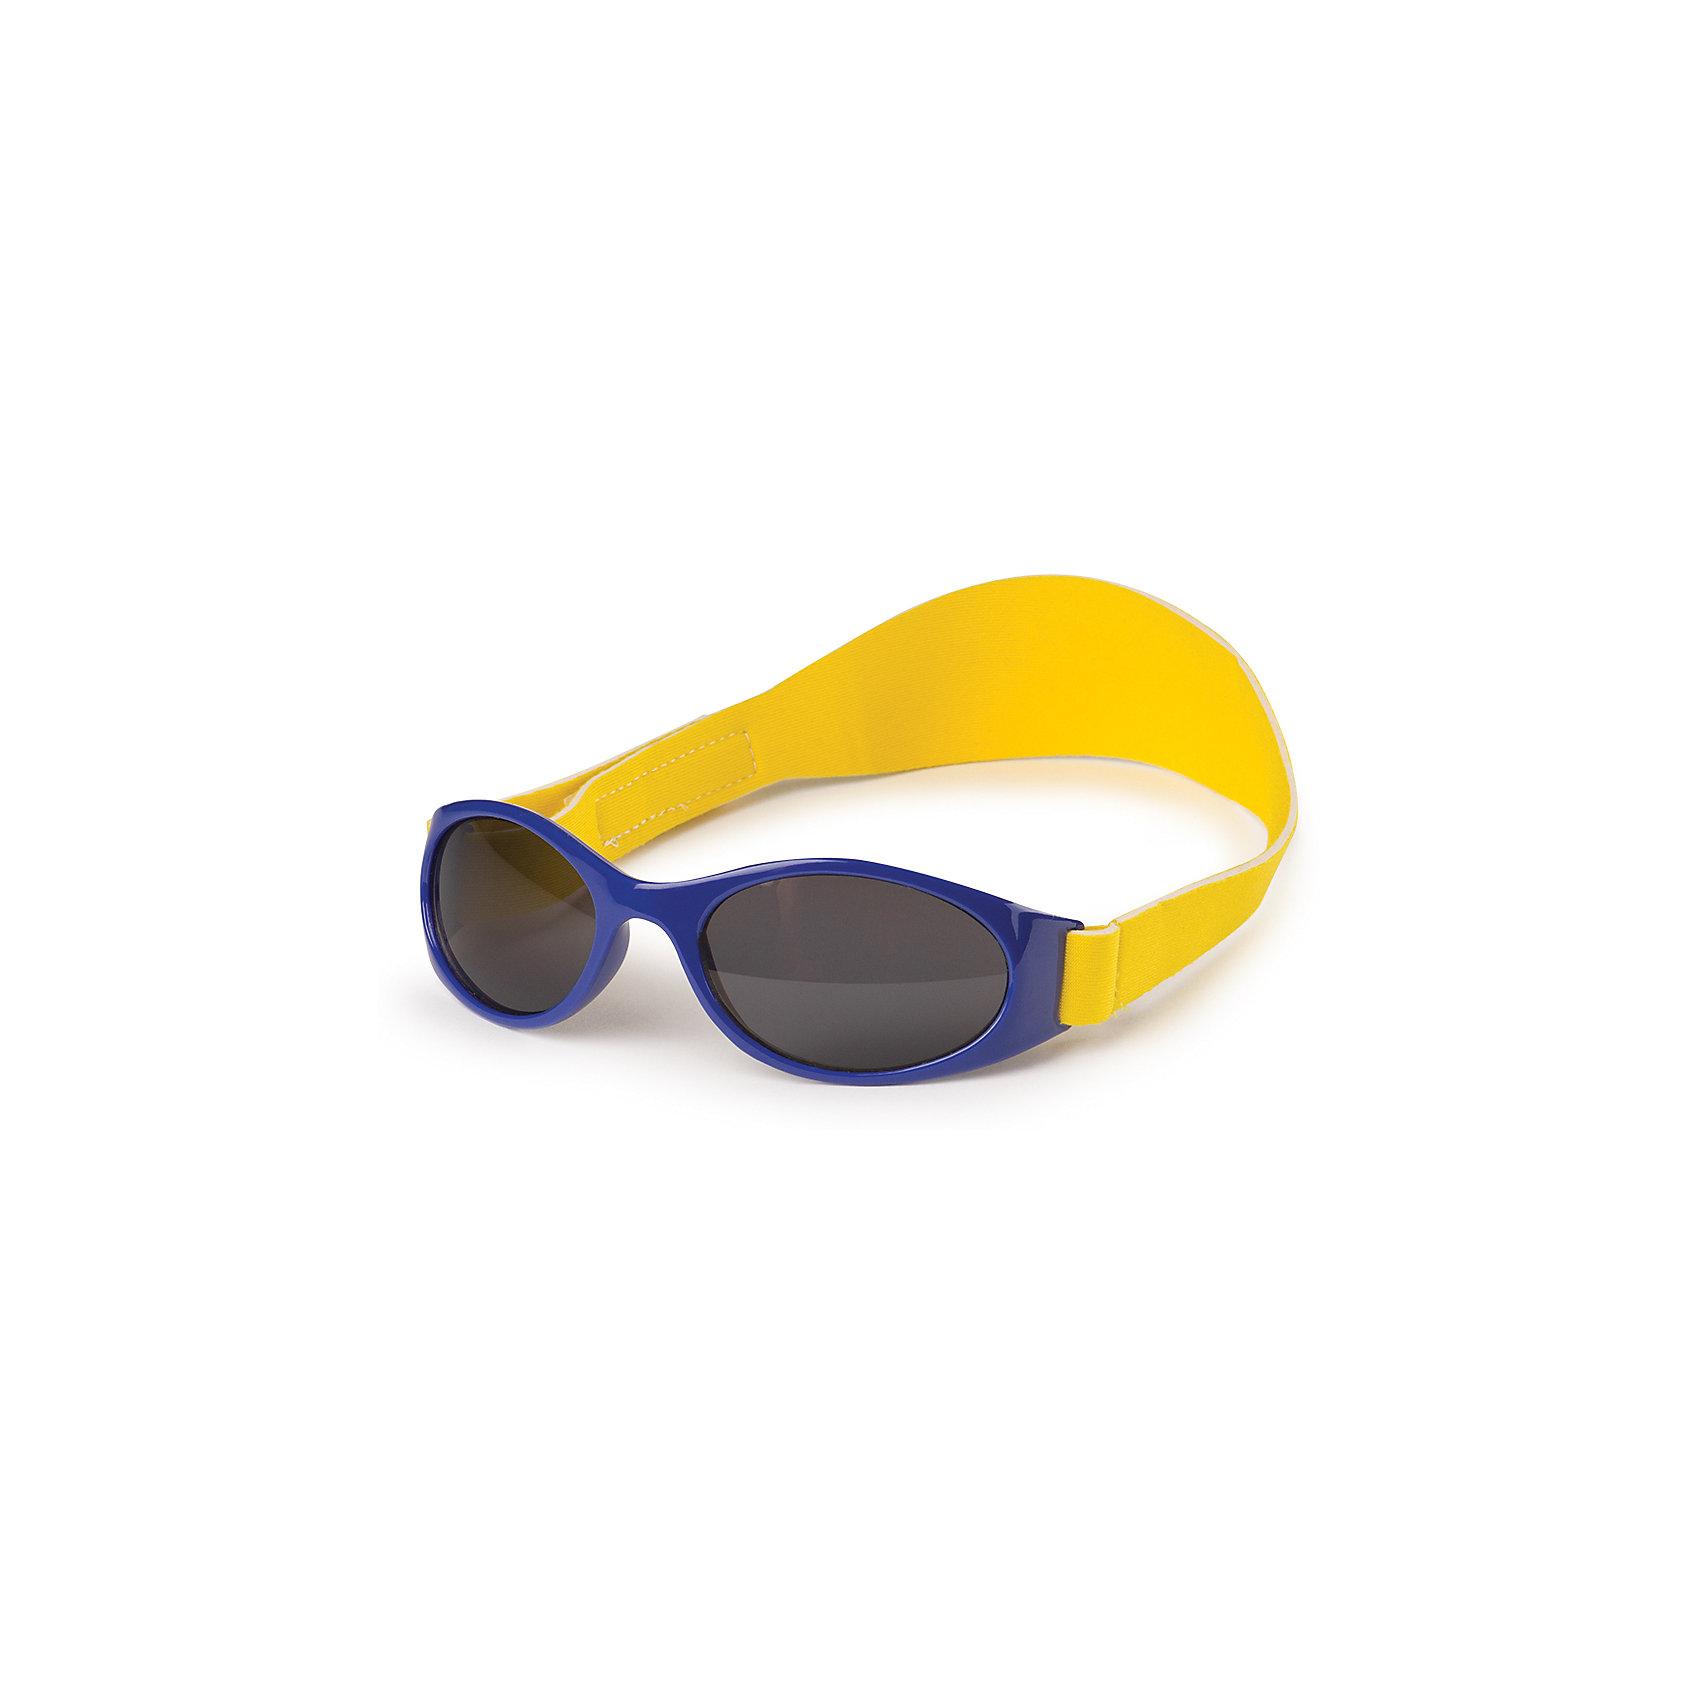 Очки солнцезащитные с ремешком, Happy Baby, синийСолнцезащитные очки<br>Характеристики:<br><br>• детские солнцезащитные очки;<br>• глаза ребенка защищены от солнечных лучей;<br>• ремешок застегивается на липучку;<br>• ремешок препятствует падению или утере очков, когда ребенок активно играет;<br>• материал: годаполикарбонат, этиленвинилацетат, линзы - пластик;<br>• размер упаковки: 16х5х4 см;<br>• вес: 31 г.<br><br>Очки солнцезащитные с ремешком, Happy Baby, цвет синий можно купить в нашем интернет-магазине.<br><br>Ширина мм: 40<br>Глубина мм: 160<br>Высота мм: 50<br>Вес г: 31<br>Возраст от месяцев: 6<br>Возраст до месяцев: 2147483647<br>Пол: Мужской<br>Возраст: Детский<br>SKU: 6679332